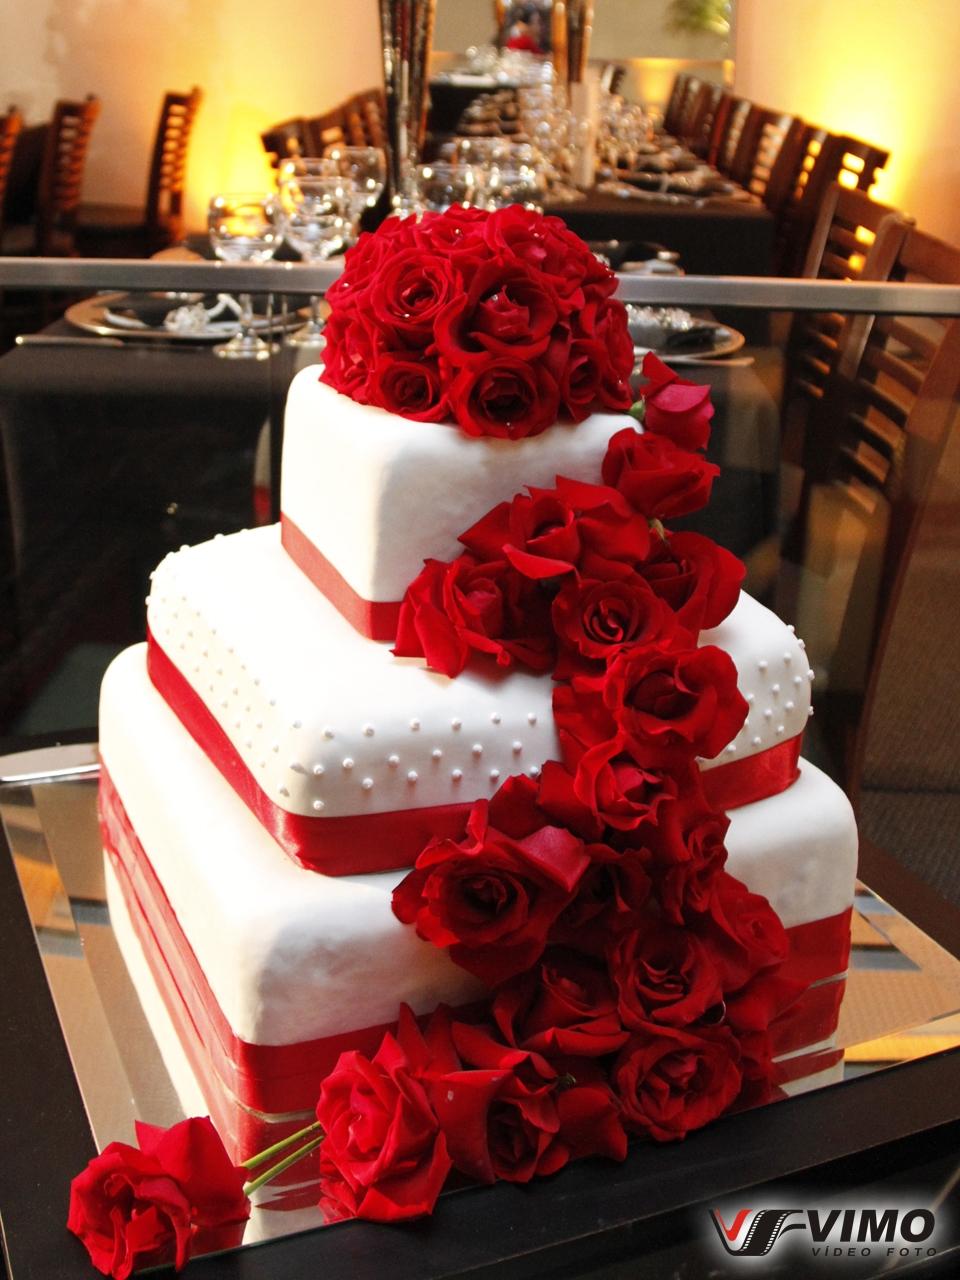 Matrimonio Bolo de Casamento – Fotos e Idéias Diferentes. Arranjos Flores Vermelhos